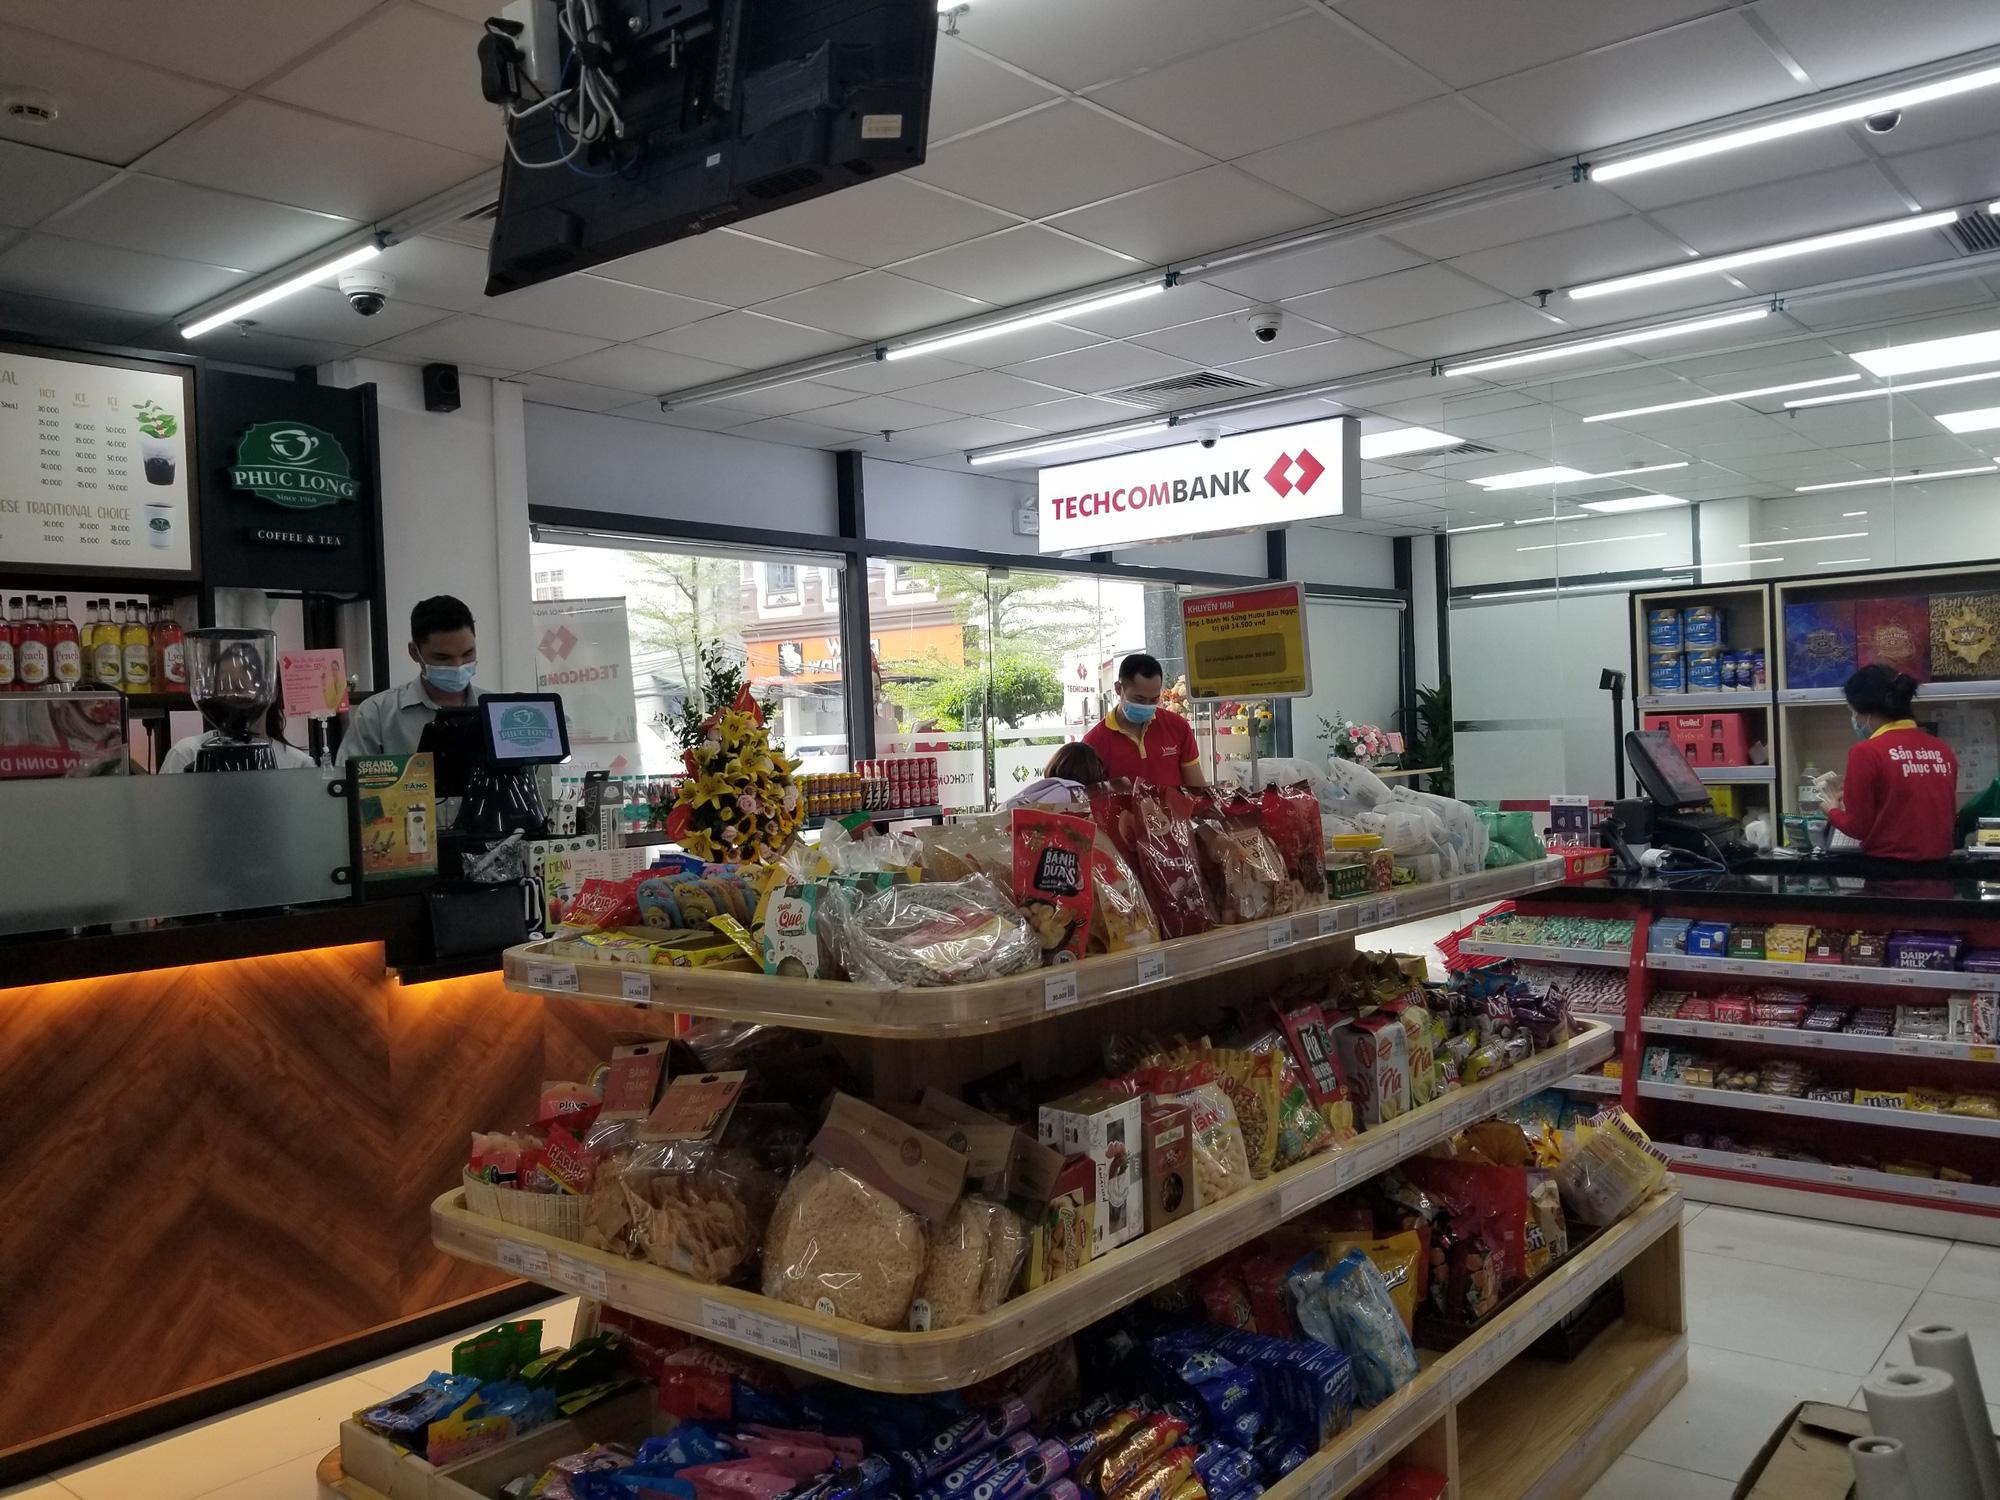 Cửa hàng VinMart+ kết hợp với dịch vụ tài chính Techcombank cùng kiosk Phúc Long lần đầu xuất hiện tại Hà Nội - Ảnh 6.